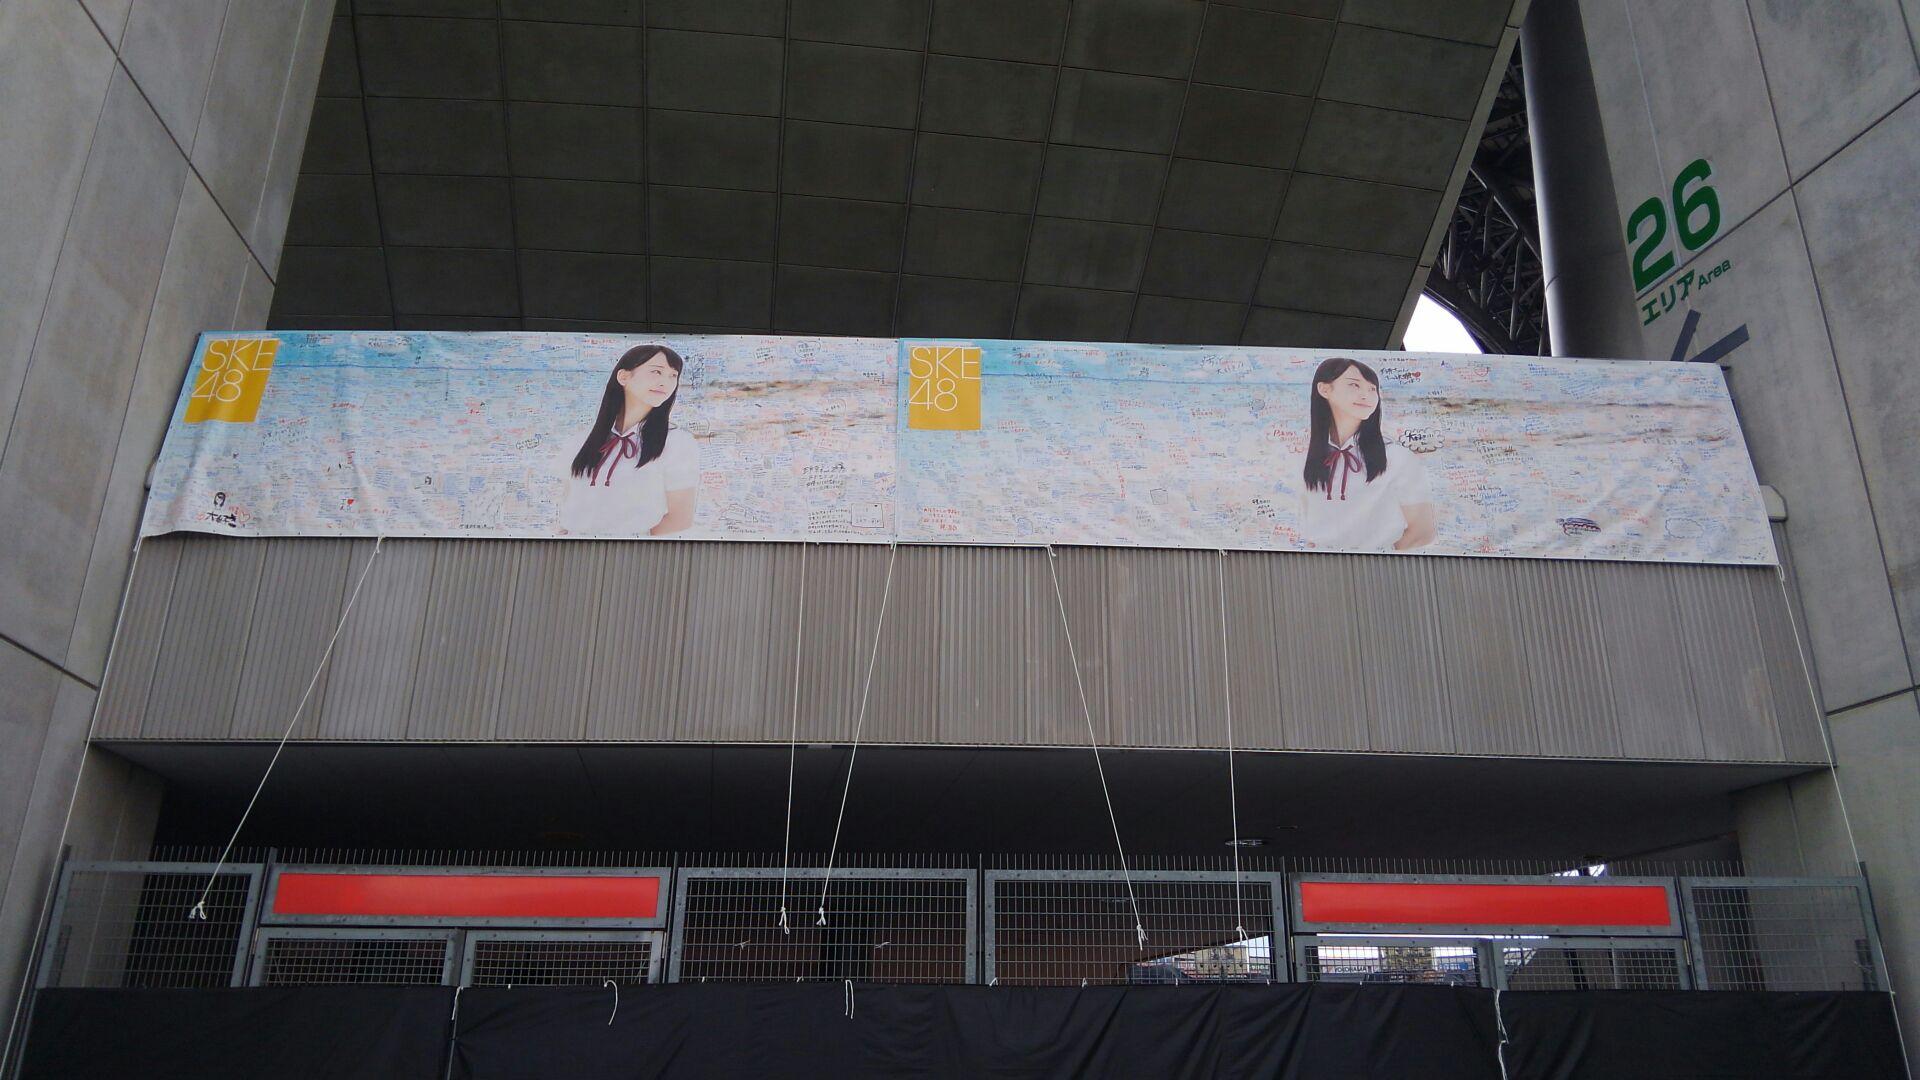 松井玲奈プロデュースのコンサートを堪能